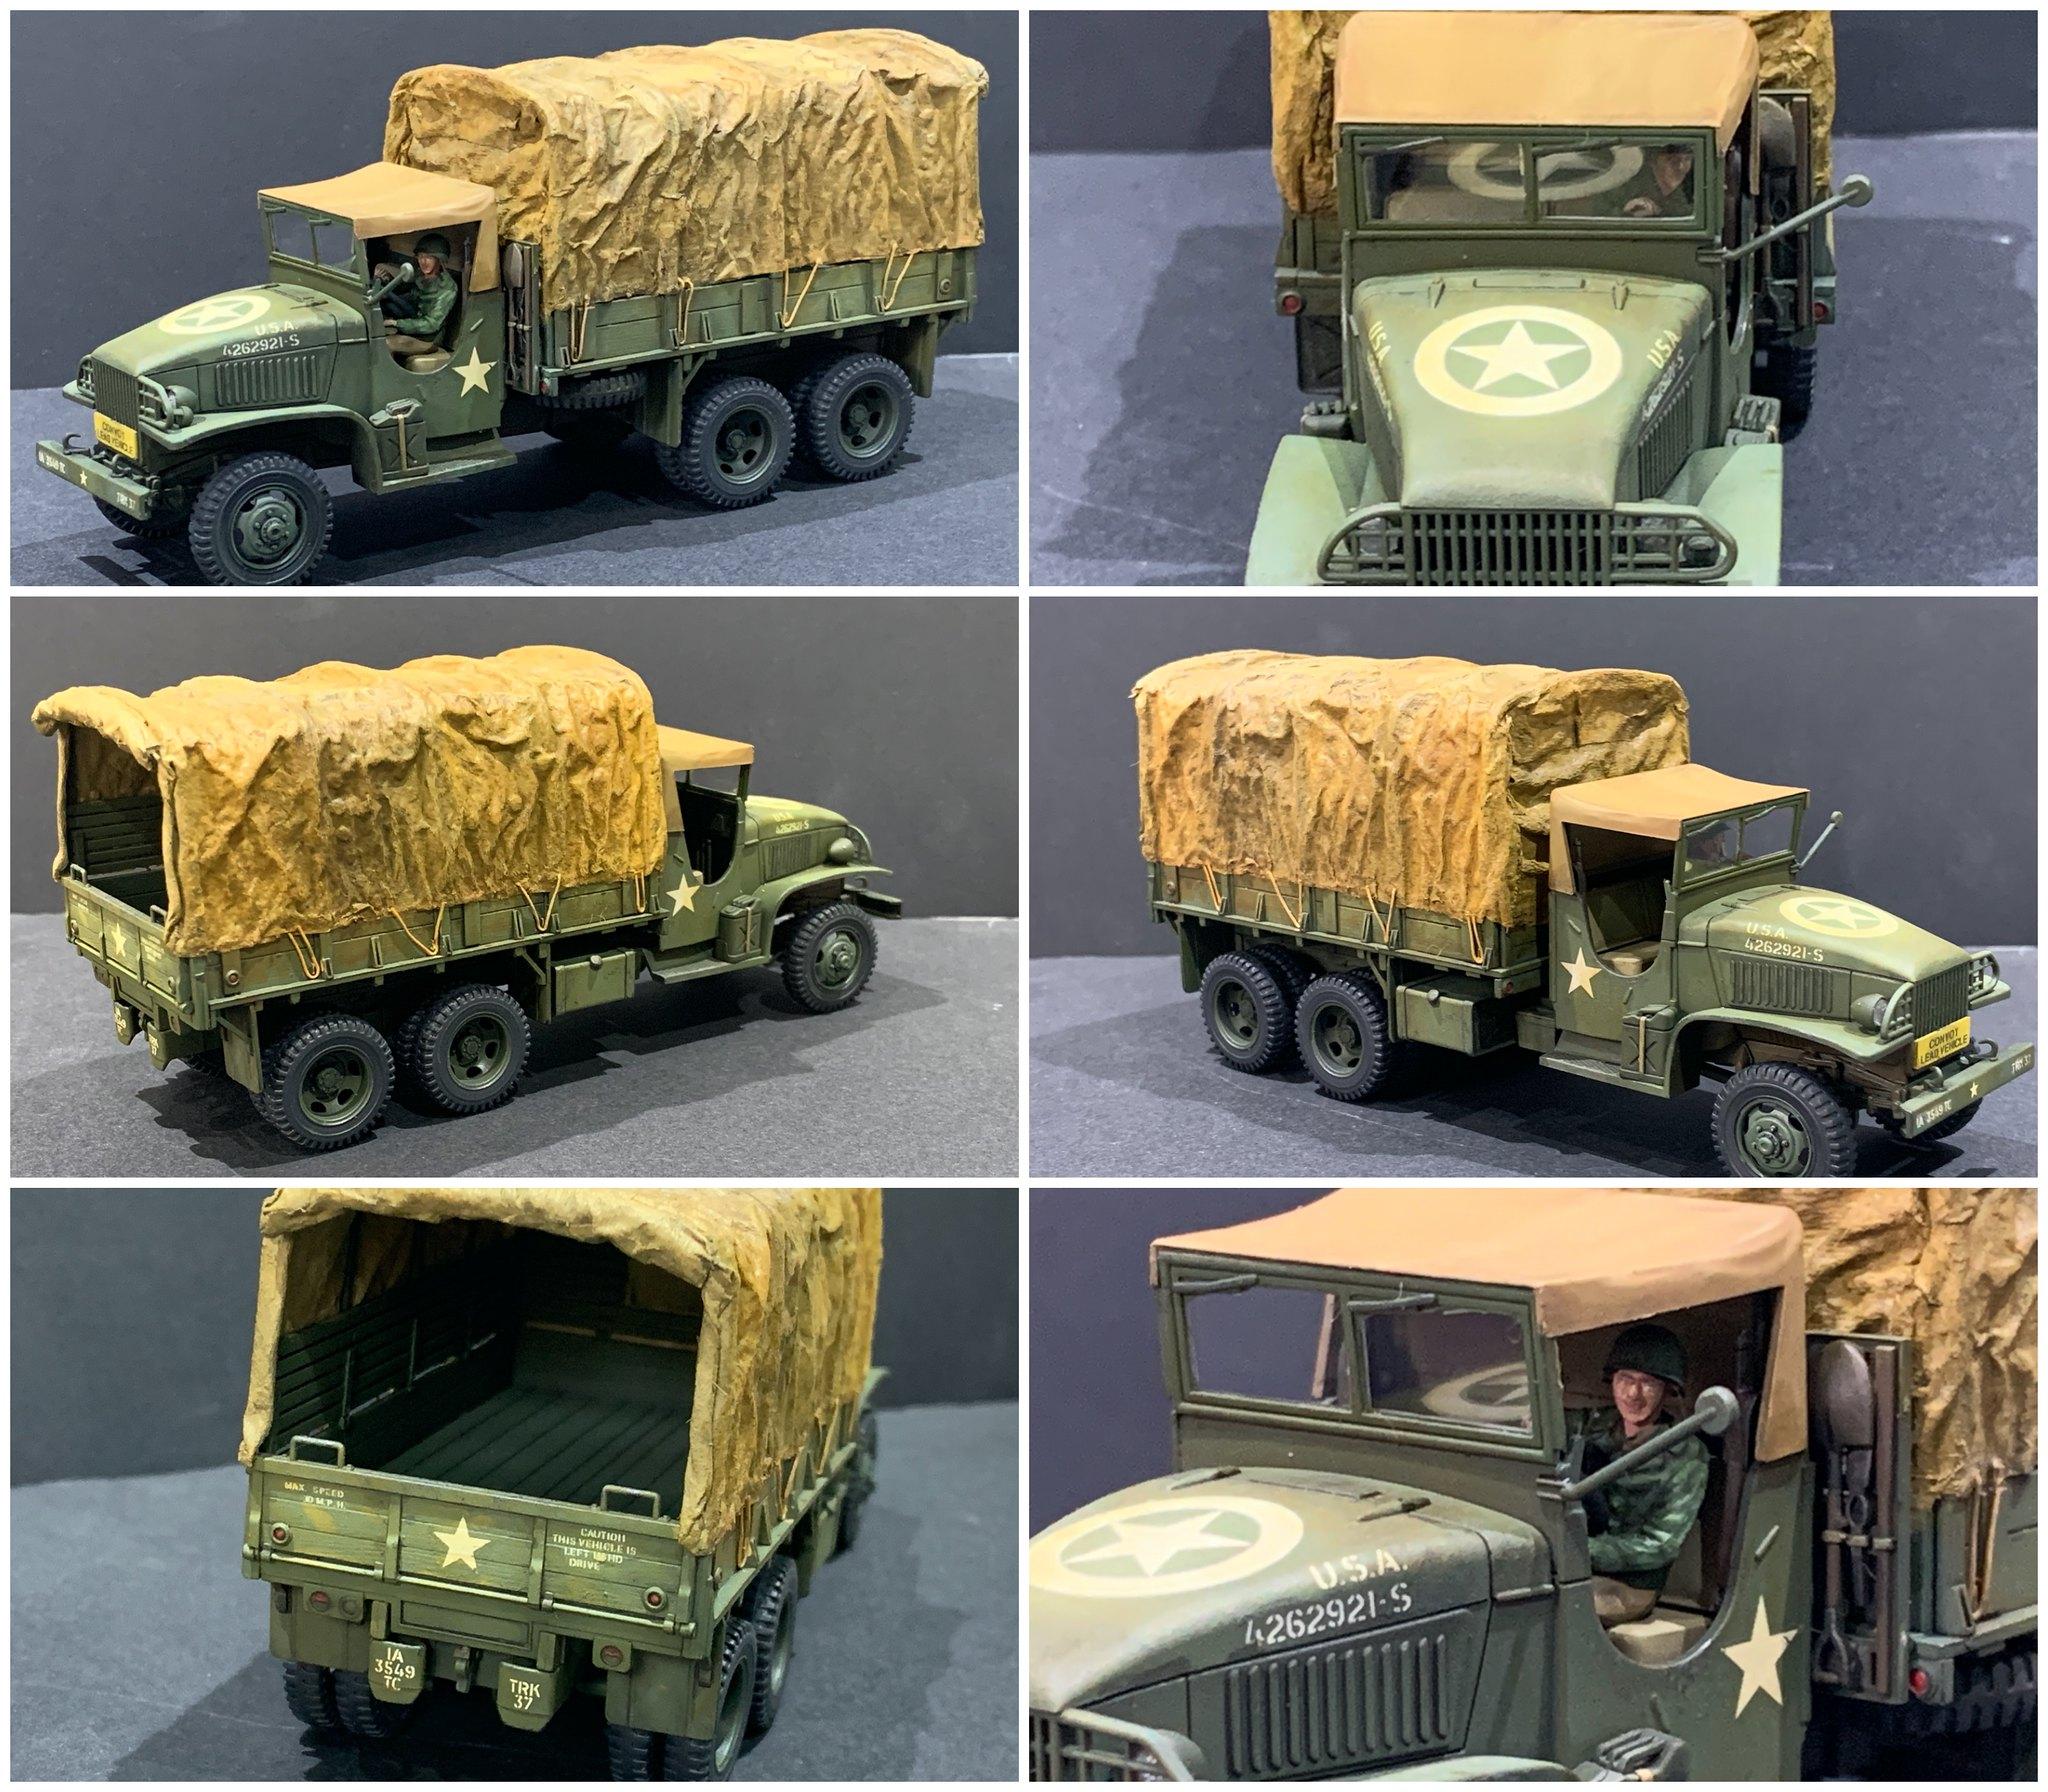 6x6 truck